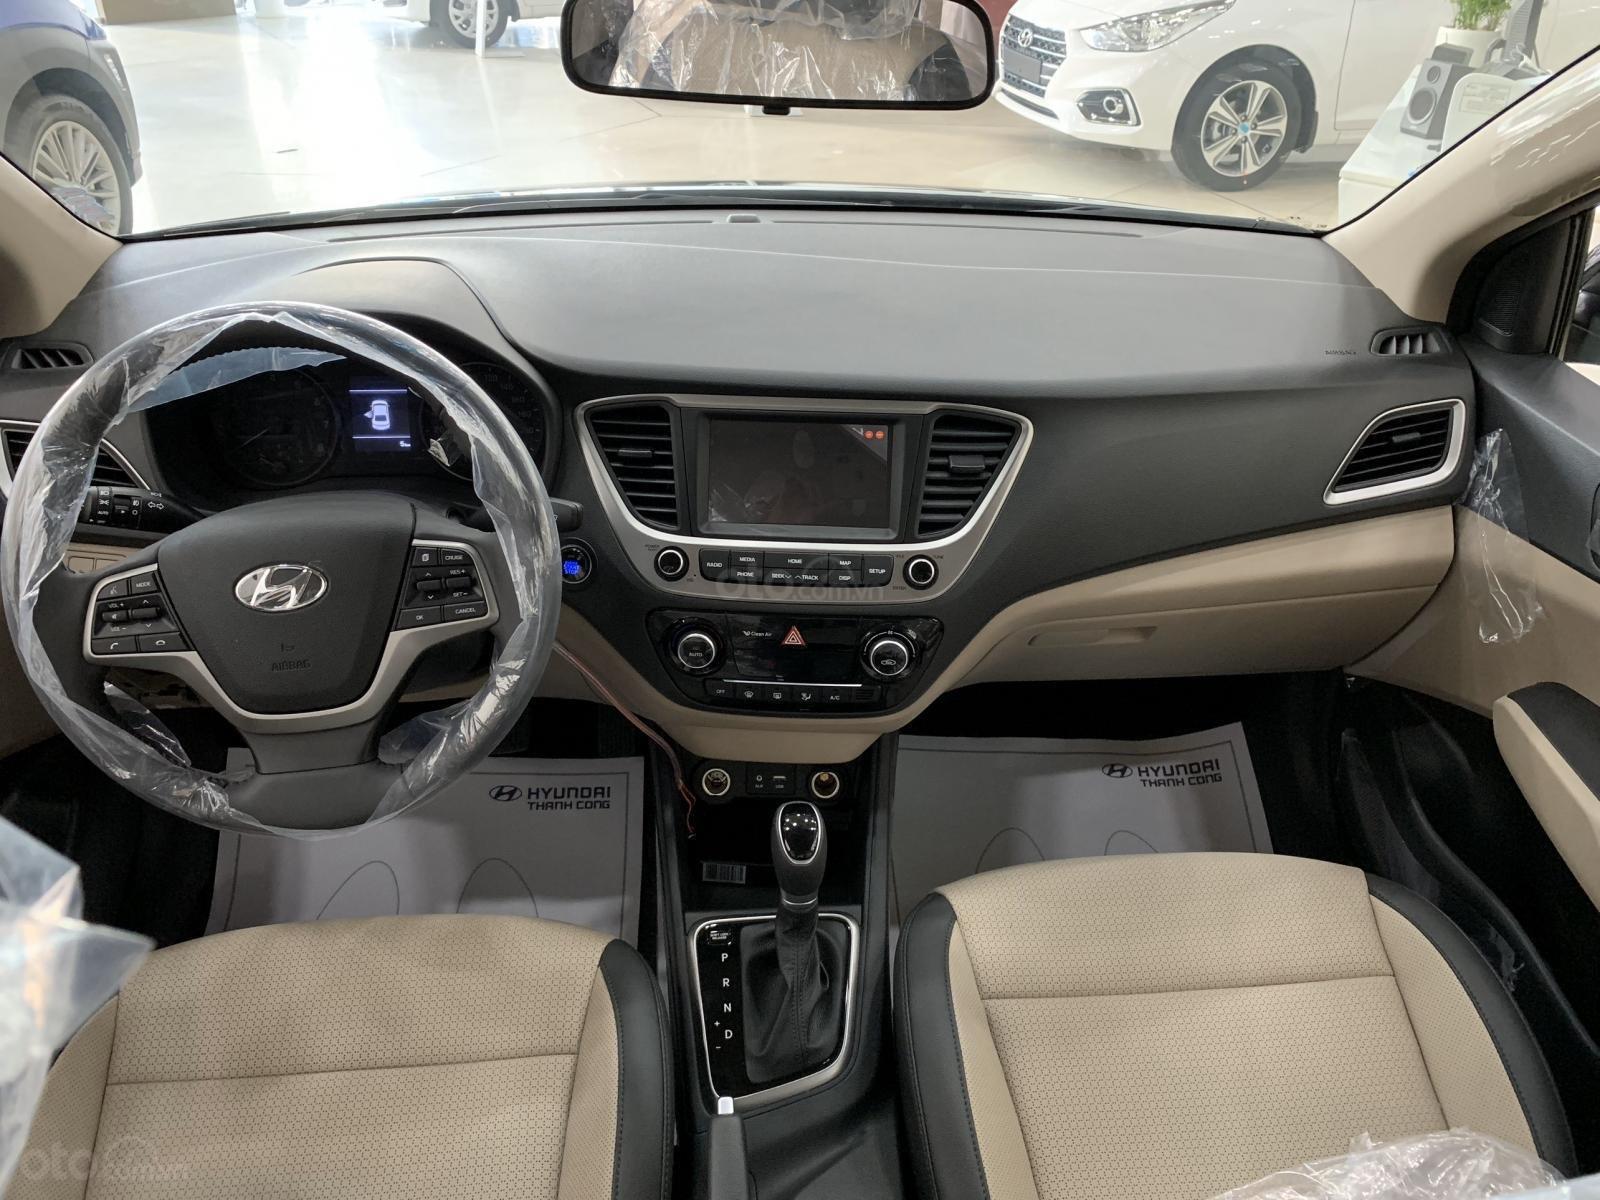 Hyundai Accent giá cực tốt dành cho tháng ngâu, nhanh tay đừng bỏ lỡ (4)